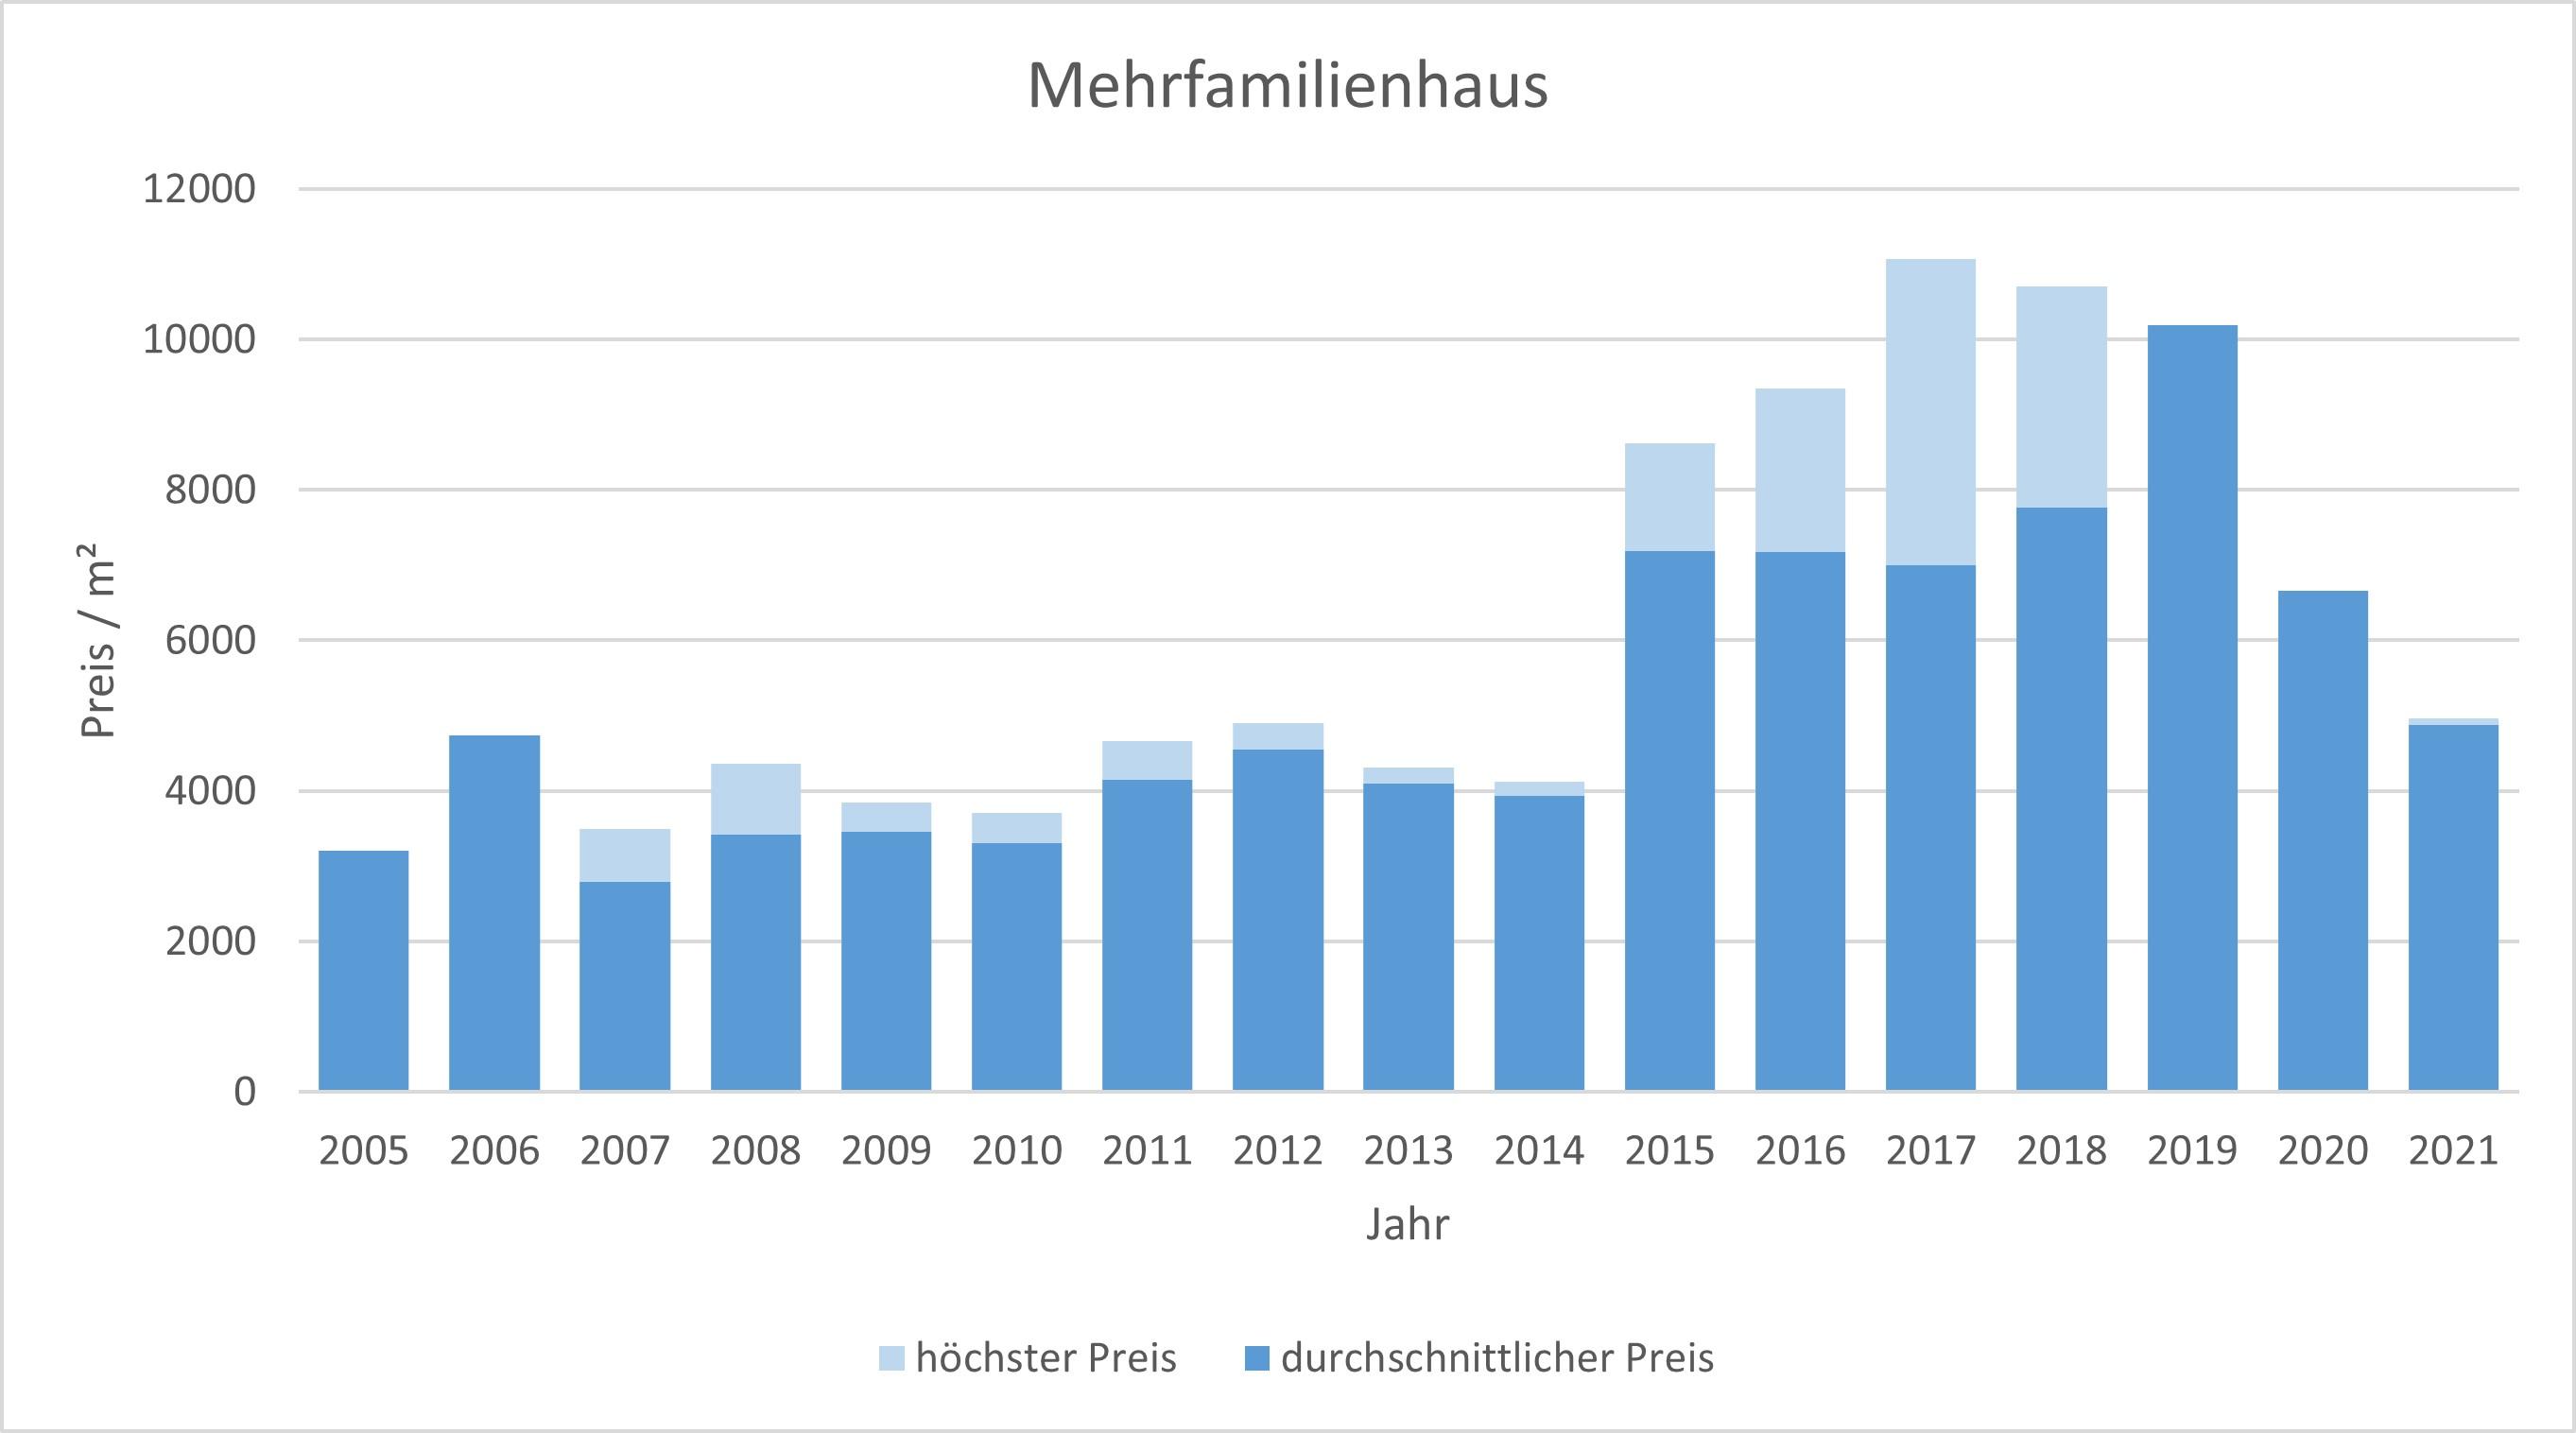 Pullach im Isartal Mehrfamilienhaus kaufen verkaufen Preis Bewertung Makler 2019 2020 2021  www.happy-immo.de